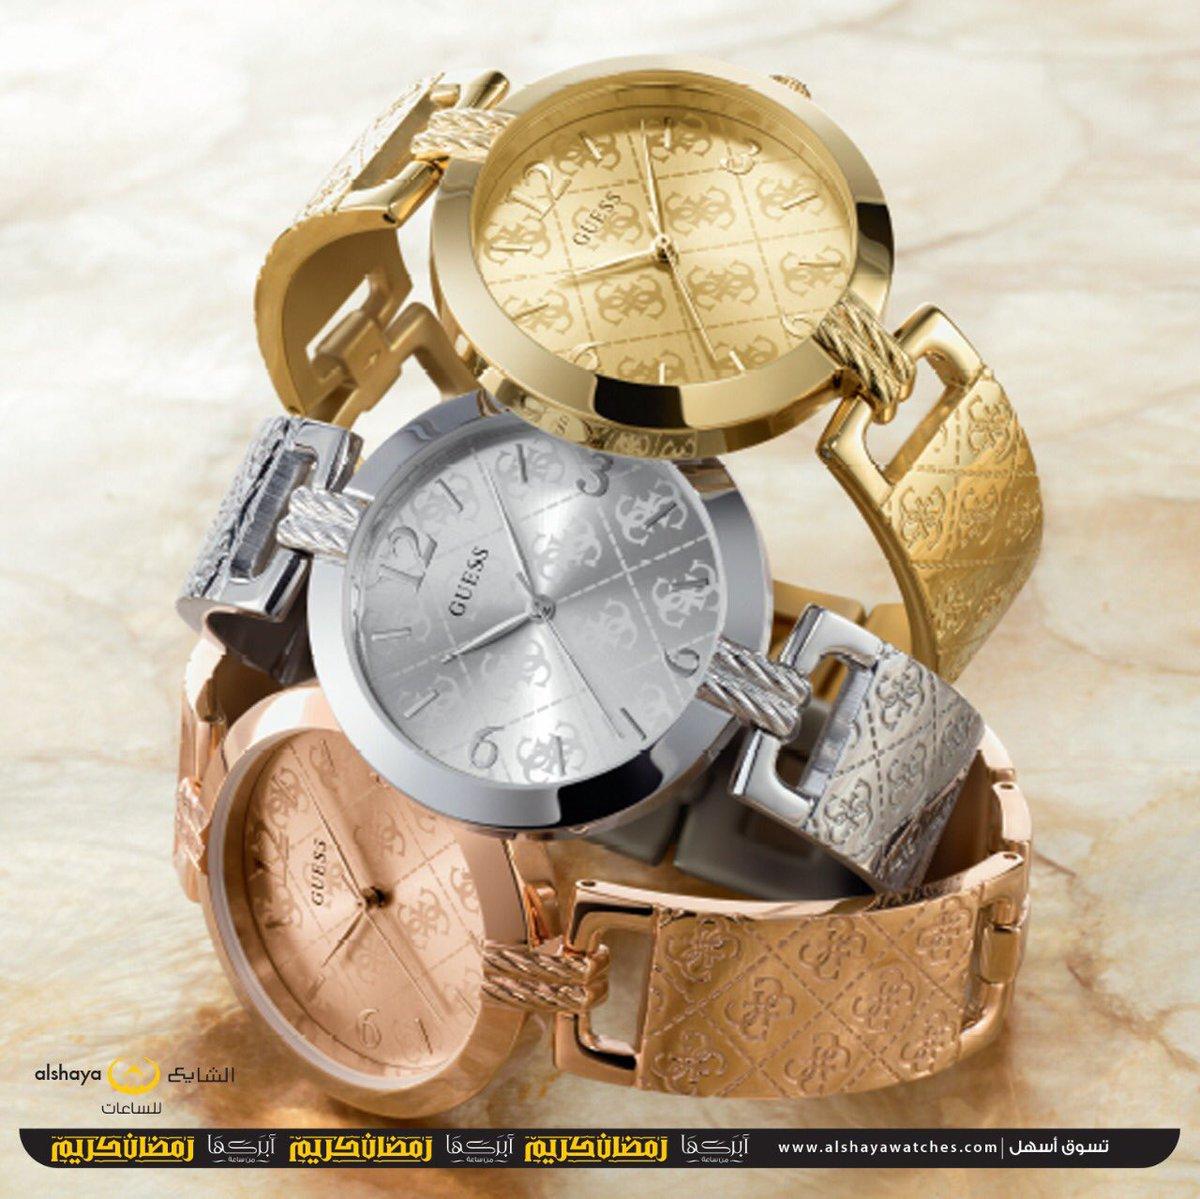 e56530657 مجموعة #ساعات من GUESS صنعت ليدك بمثالية و دقة بالغة ، اختاري لك من هذه  المجموعة ما يناسب #وقتك و اجذب الأنظار لك بقطعتك الجديدة من رمز #الموضة .